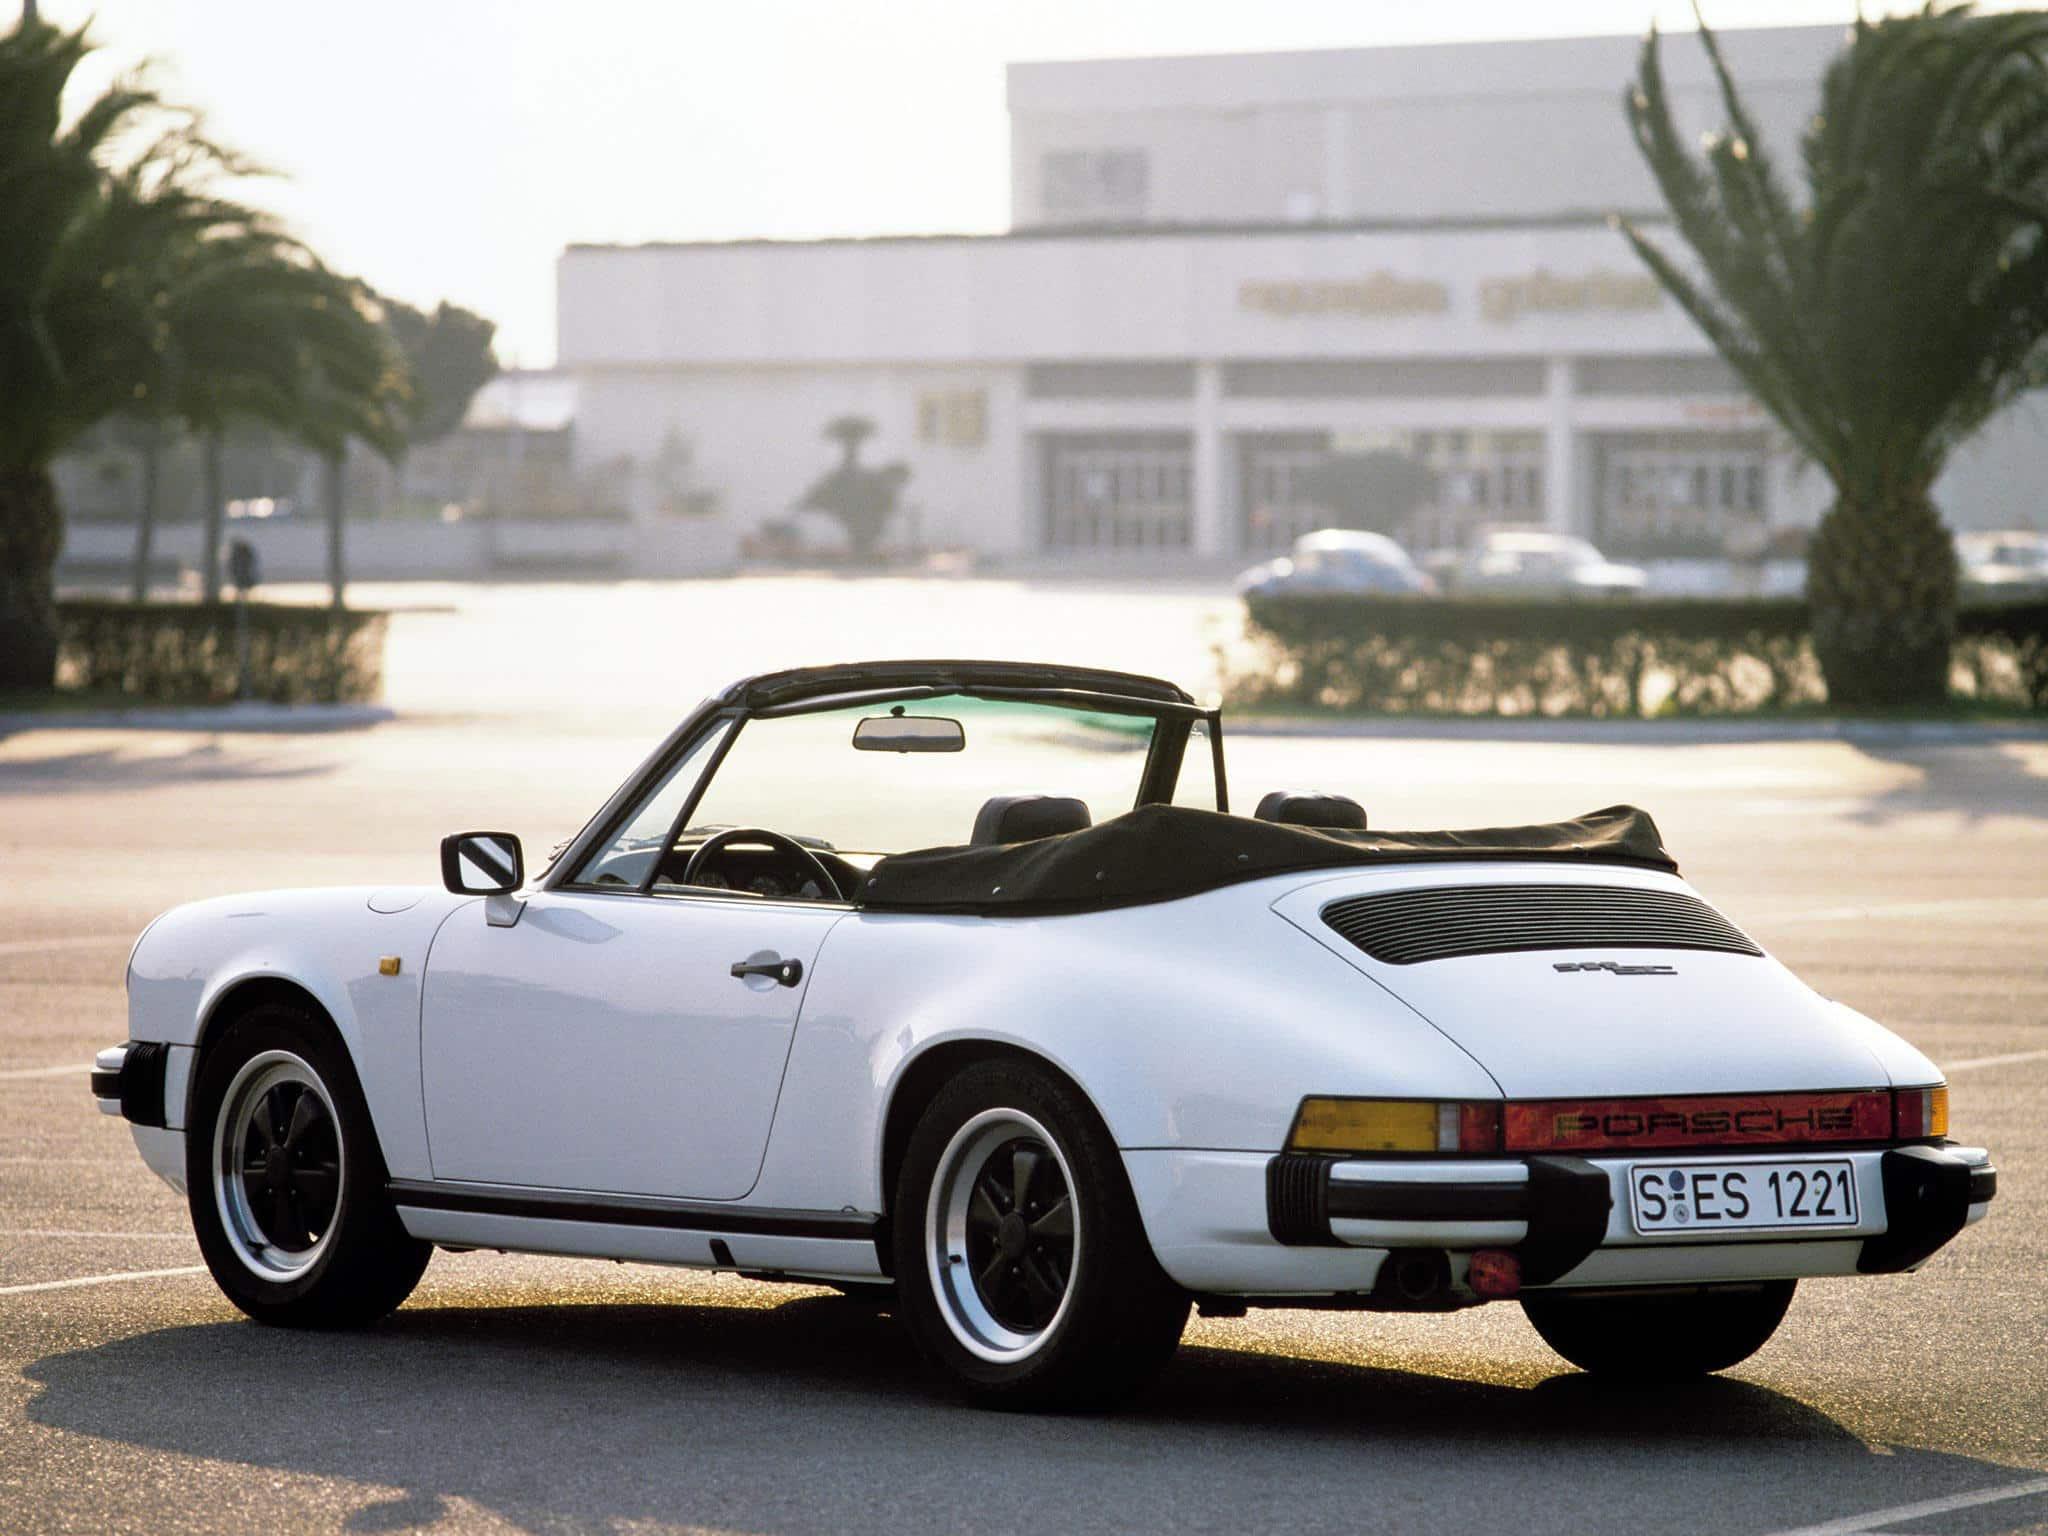 Porsche 911 Cabriolet SC 3.0 1983 vue AR - photo Porsche